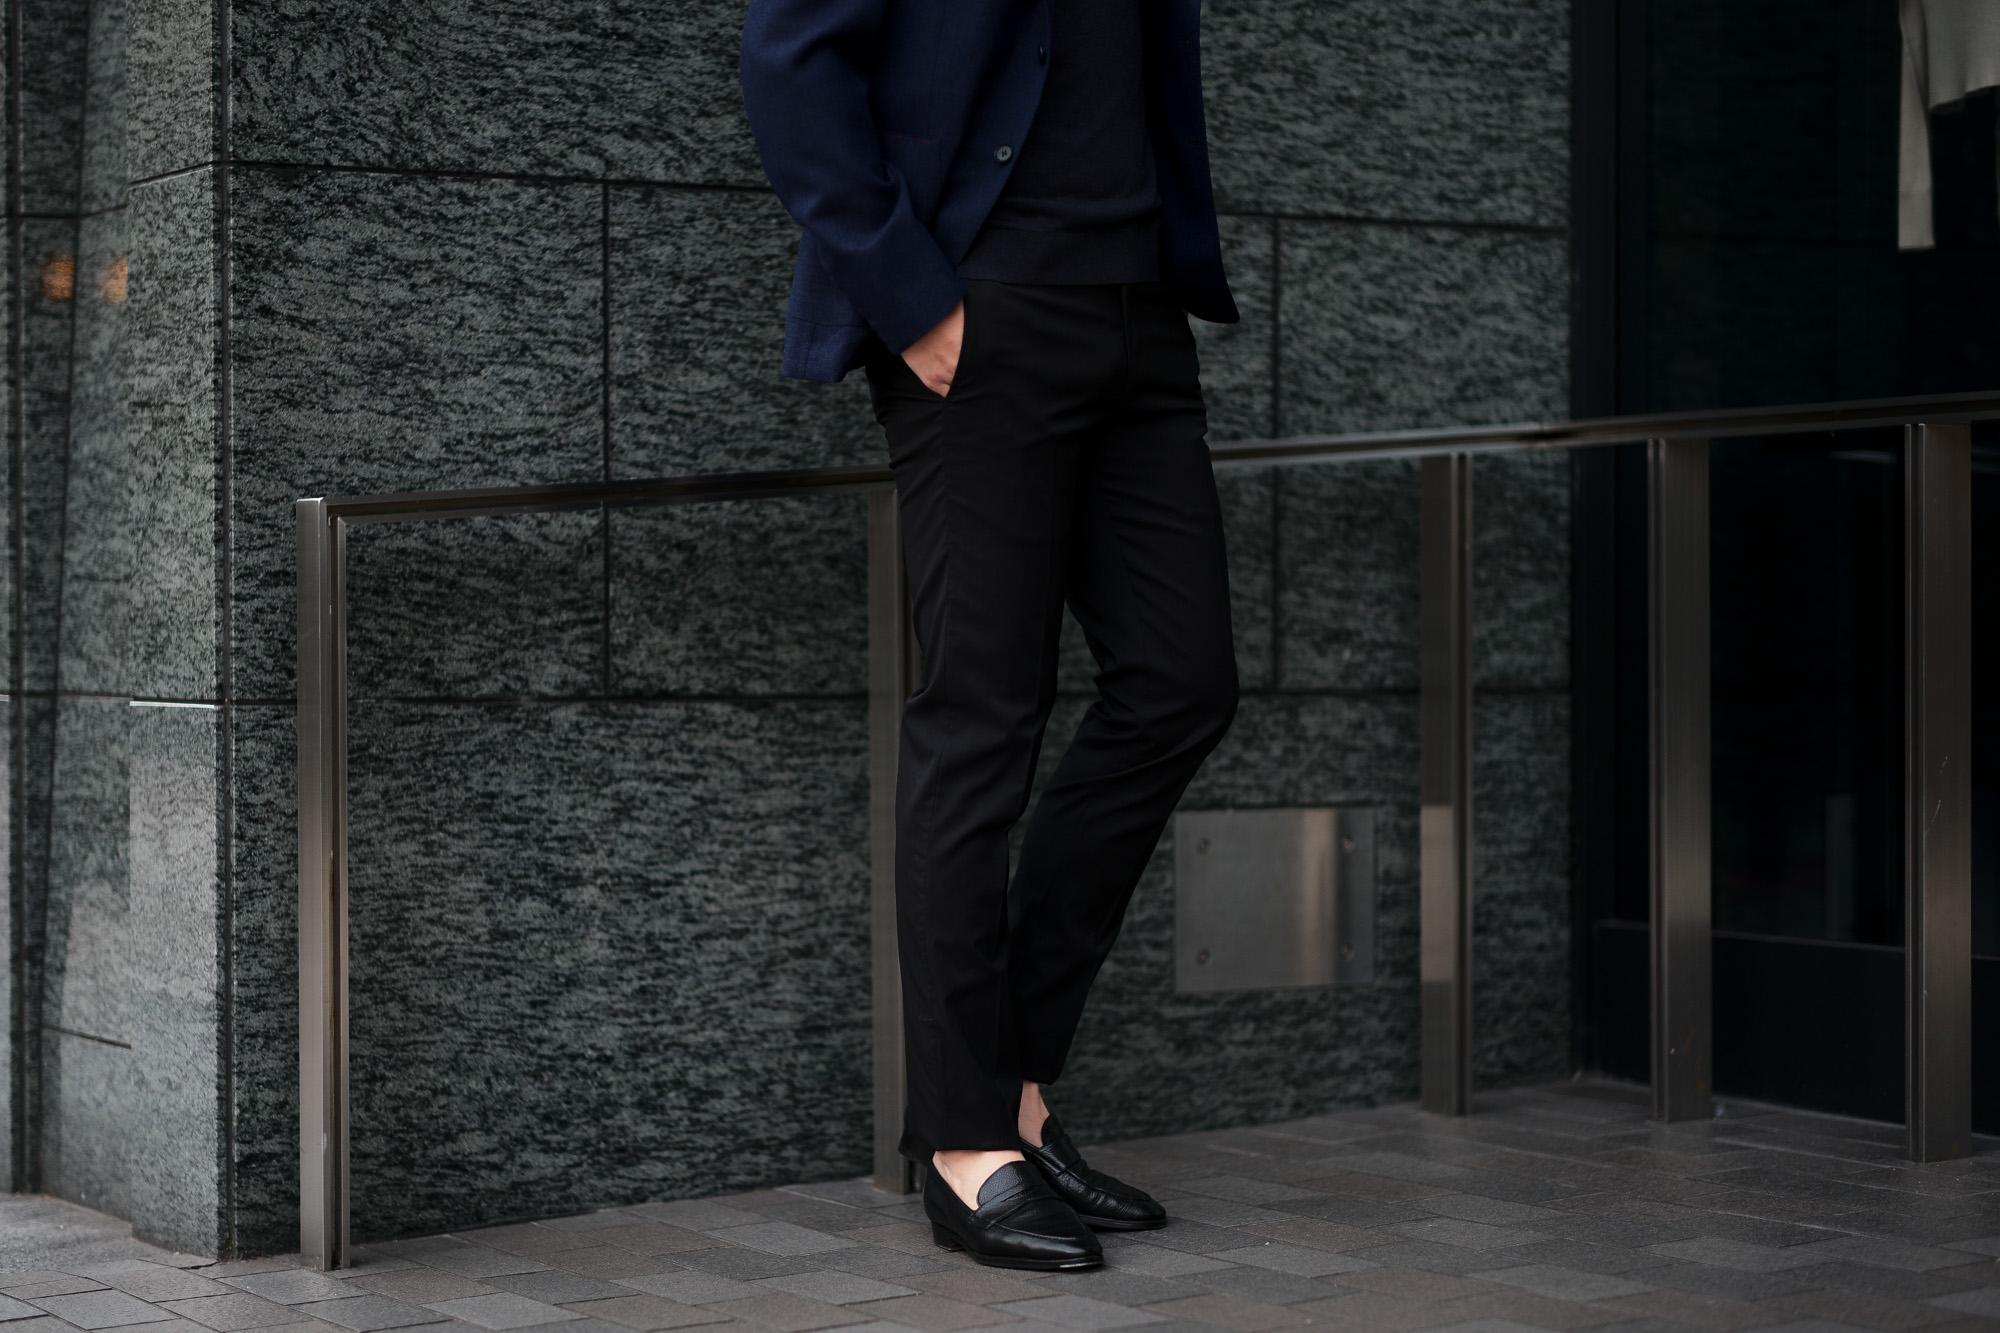 cuervo bopoha (クエルボ ヴァローナ) Sartoria Collection (サルトリア コレクション) Brad (ブラッド) Super 120's WASHABLE TROPICAL WOOL ウォッシャブル ストレッチ トロピカルウール サマーウール スラックス BLACK (ブラック) MADE IN JAPAN (日本製) 2020 春夏新作 愛知 名古屋 altoediritto アルトエデリット